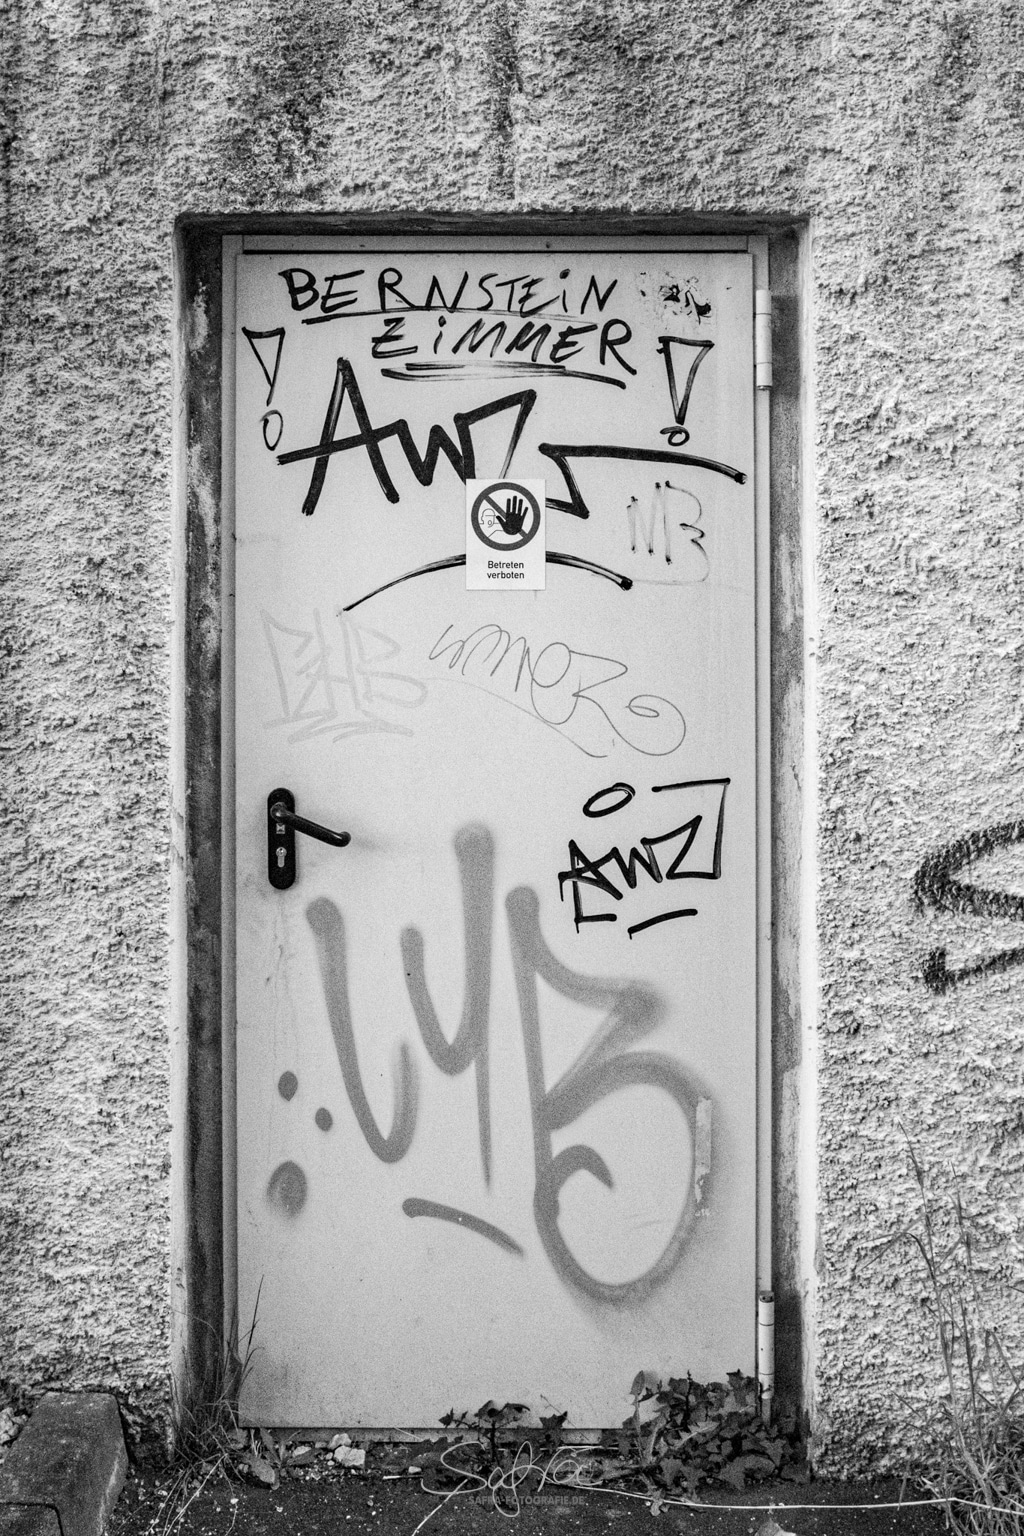 Chemnitz, Bernsteinzimmer